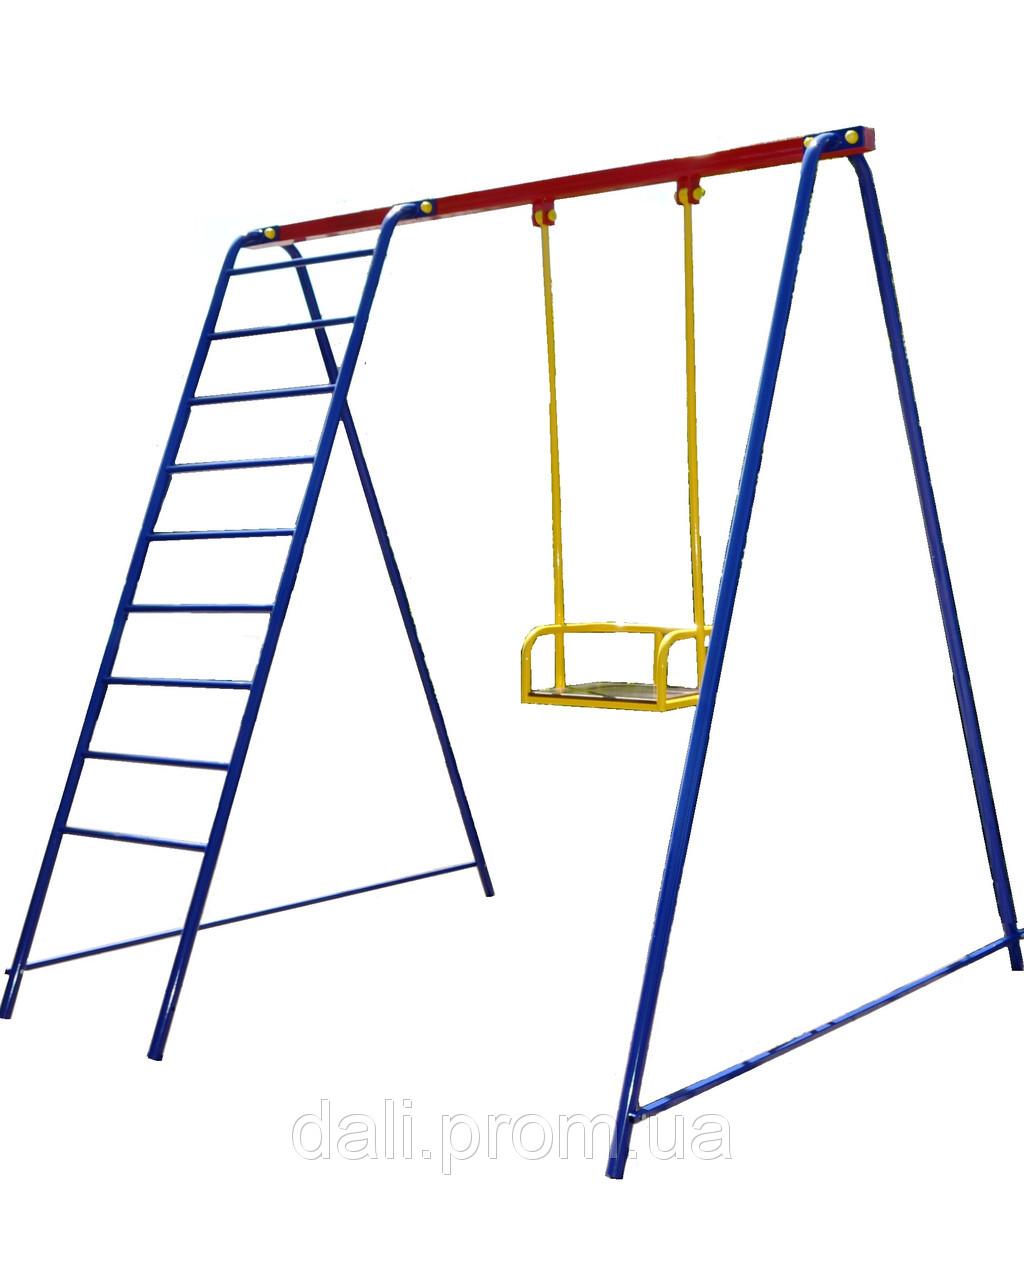 Гойдалки одномісні +сходи. Ігровий комплекс.